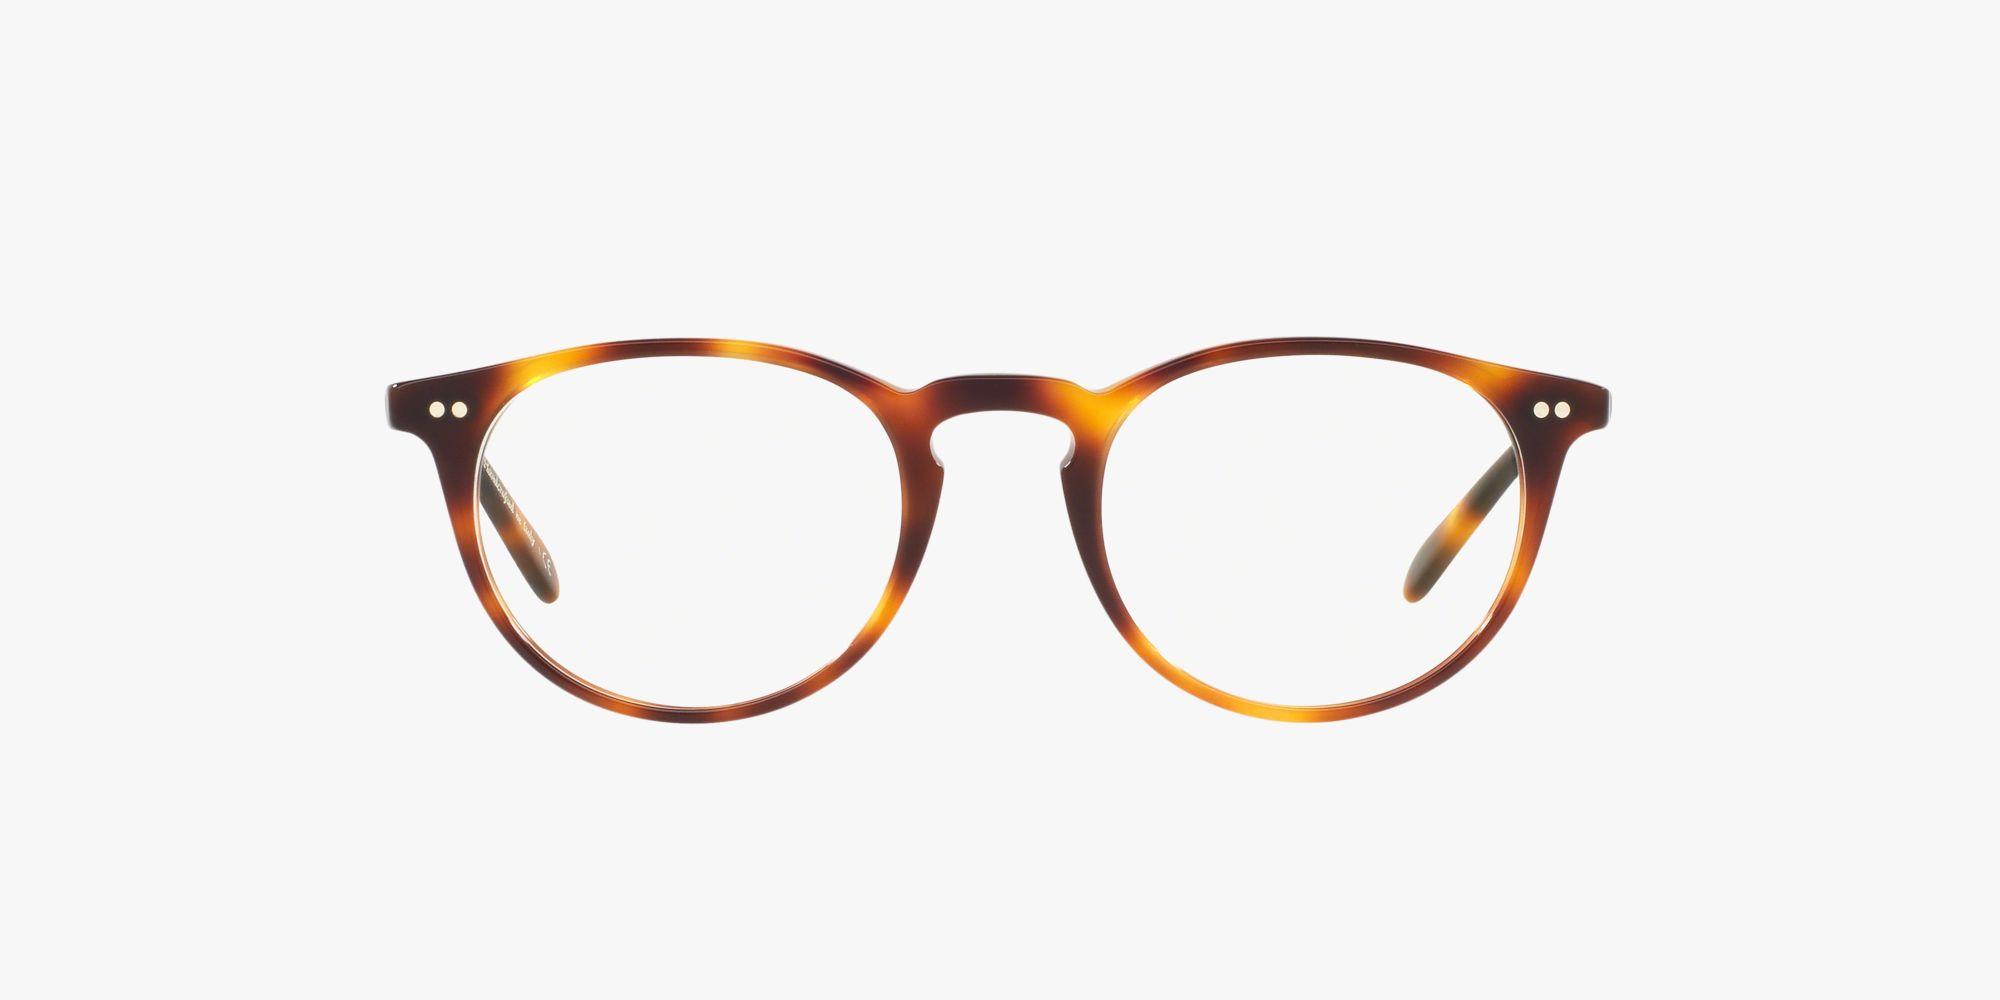 8e9f4549c26 Optical OV5004 - Dark Mahogany - Demo Lens - Acetate